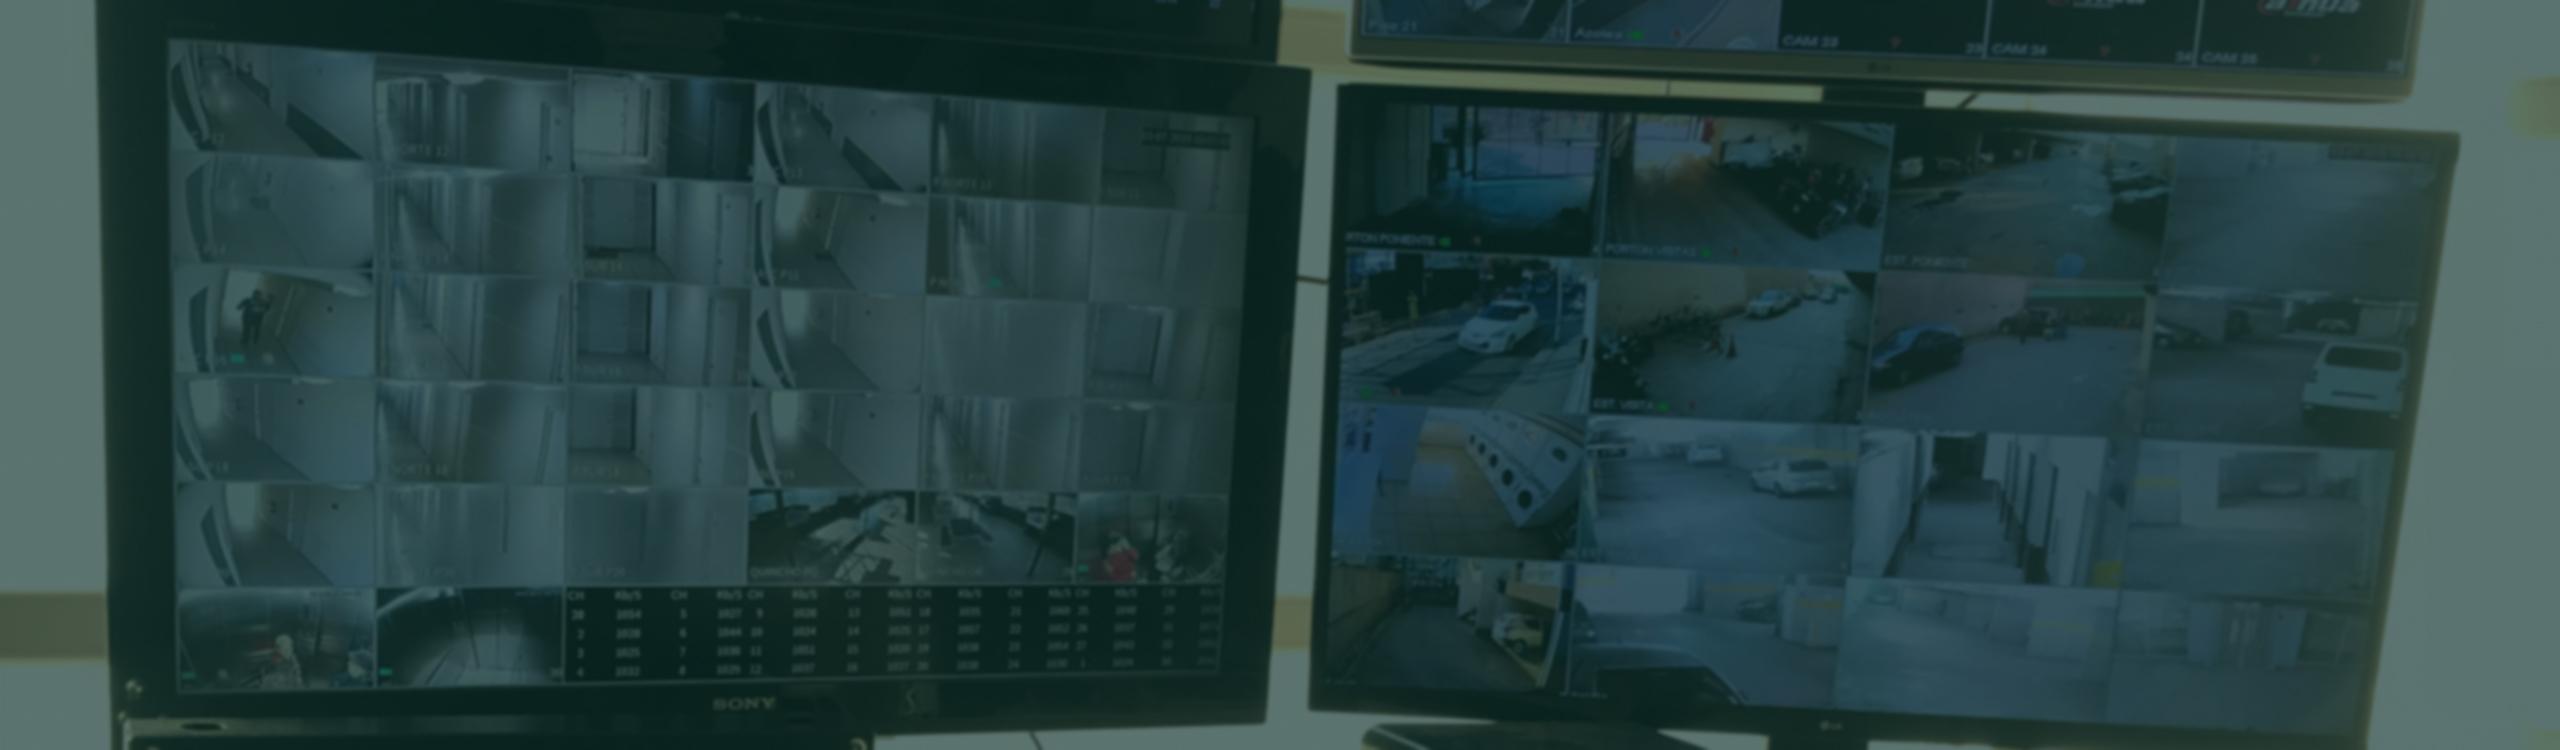 Implementación CCTV